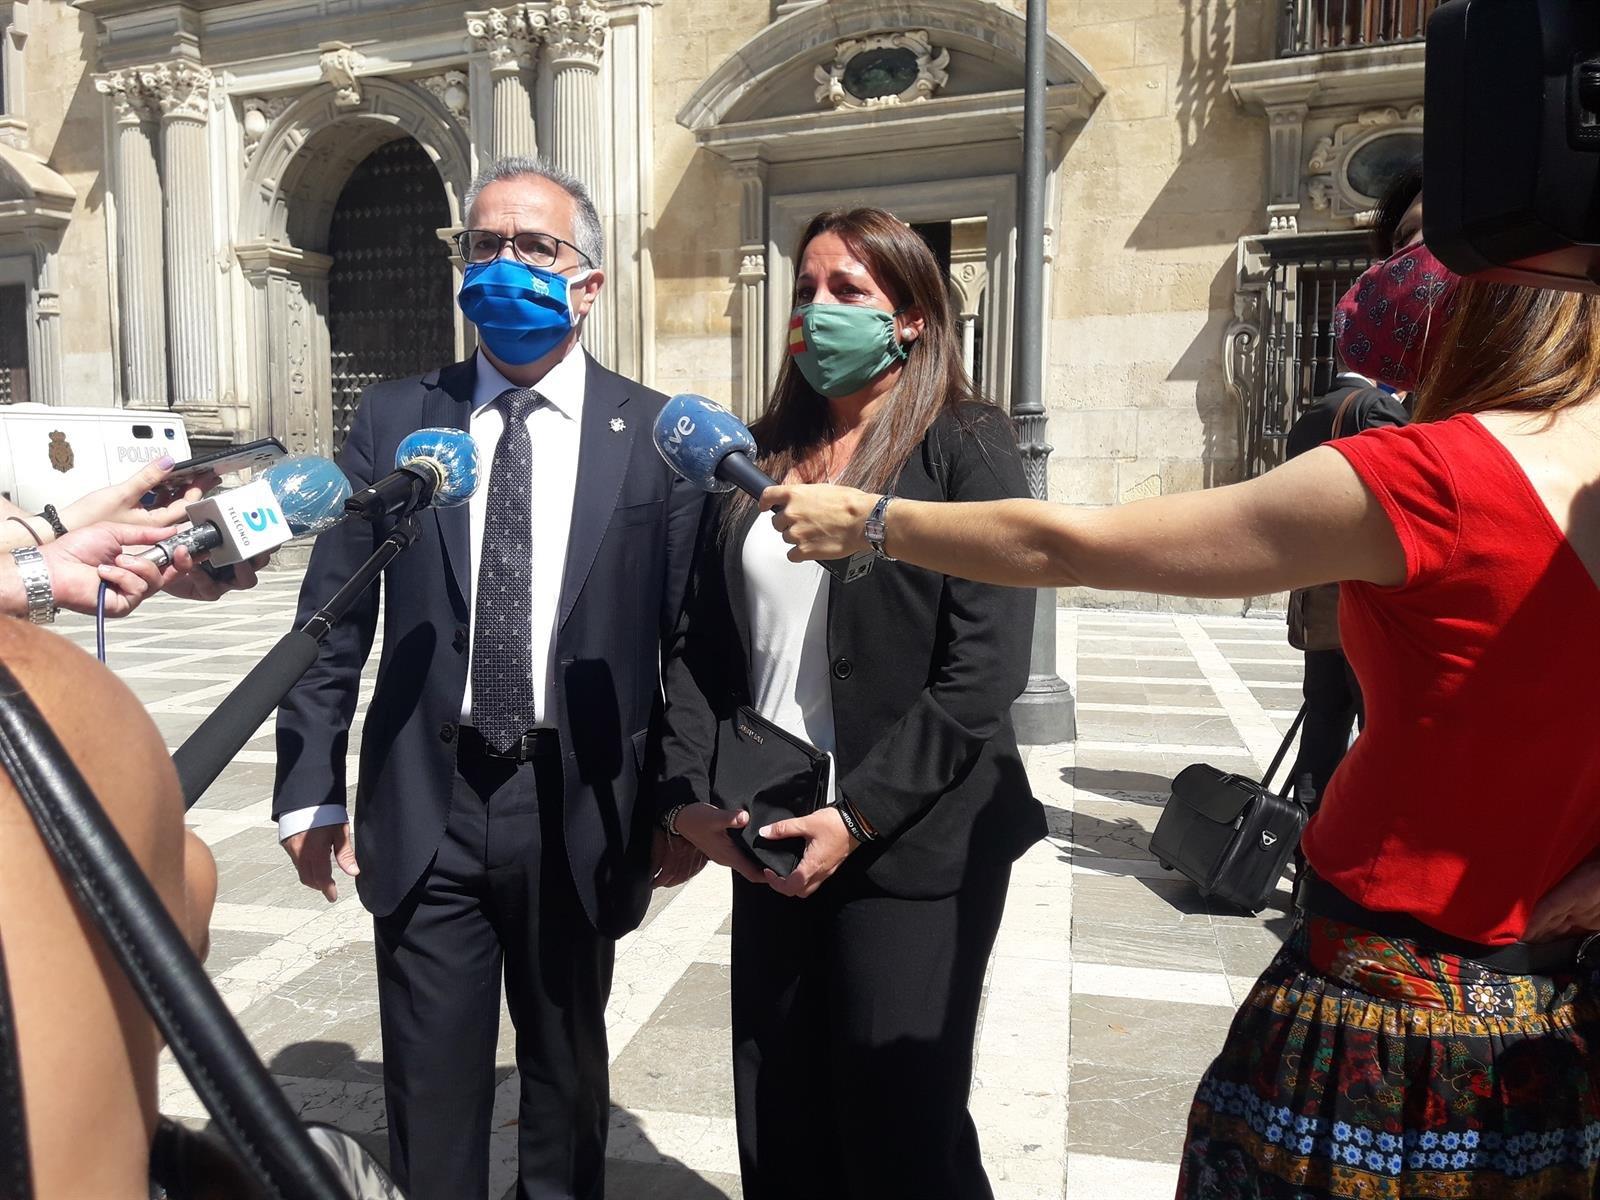 Suspendido el juicio por el crimen del guardia civil por falta de medidas de seguridad